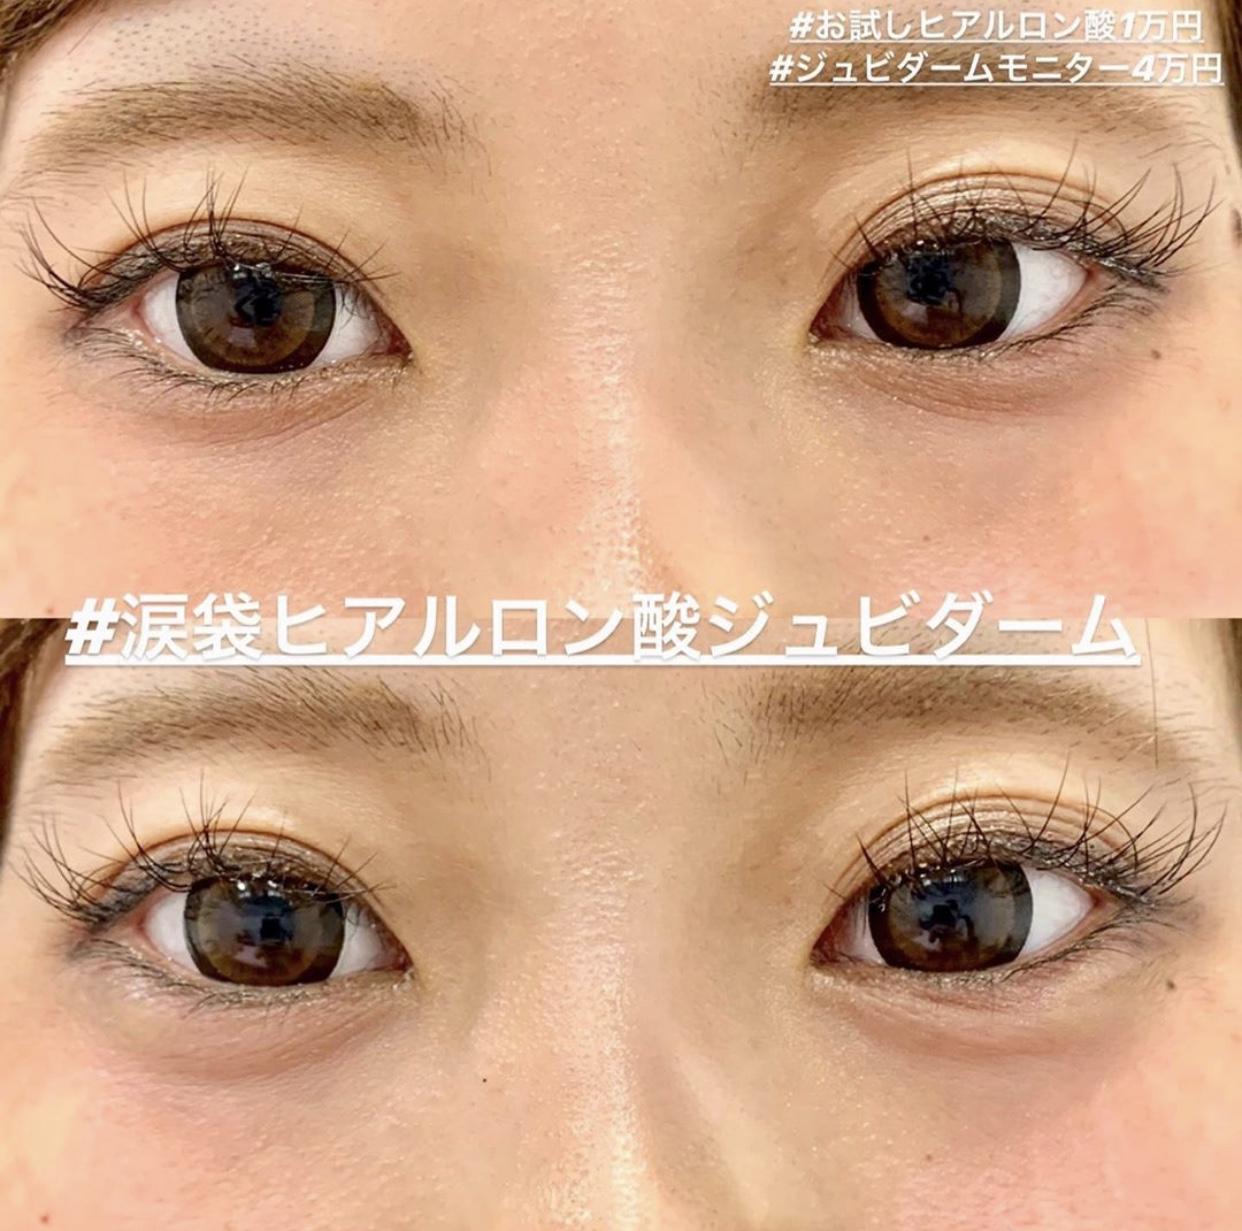 片目 涙 痛い 腫れ 袋